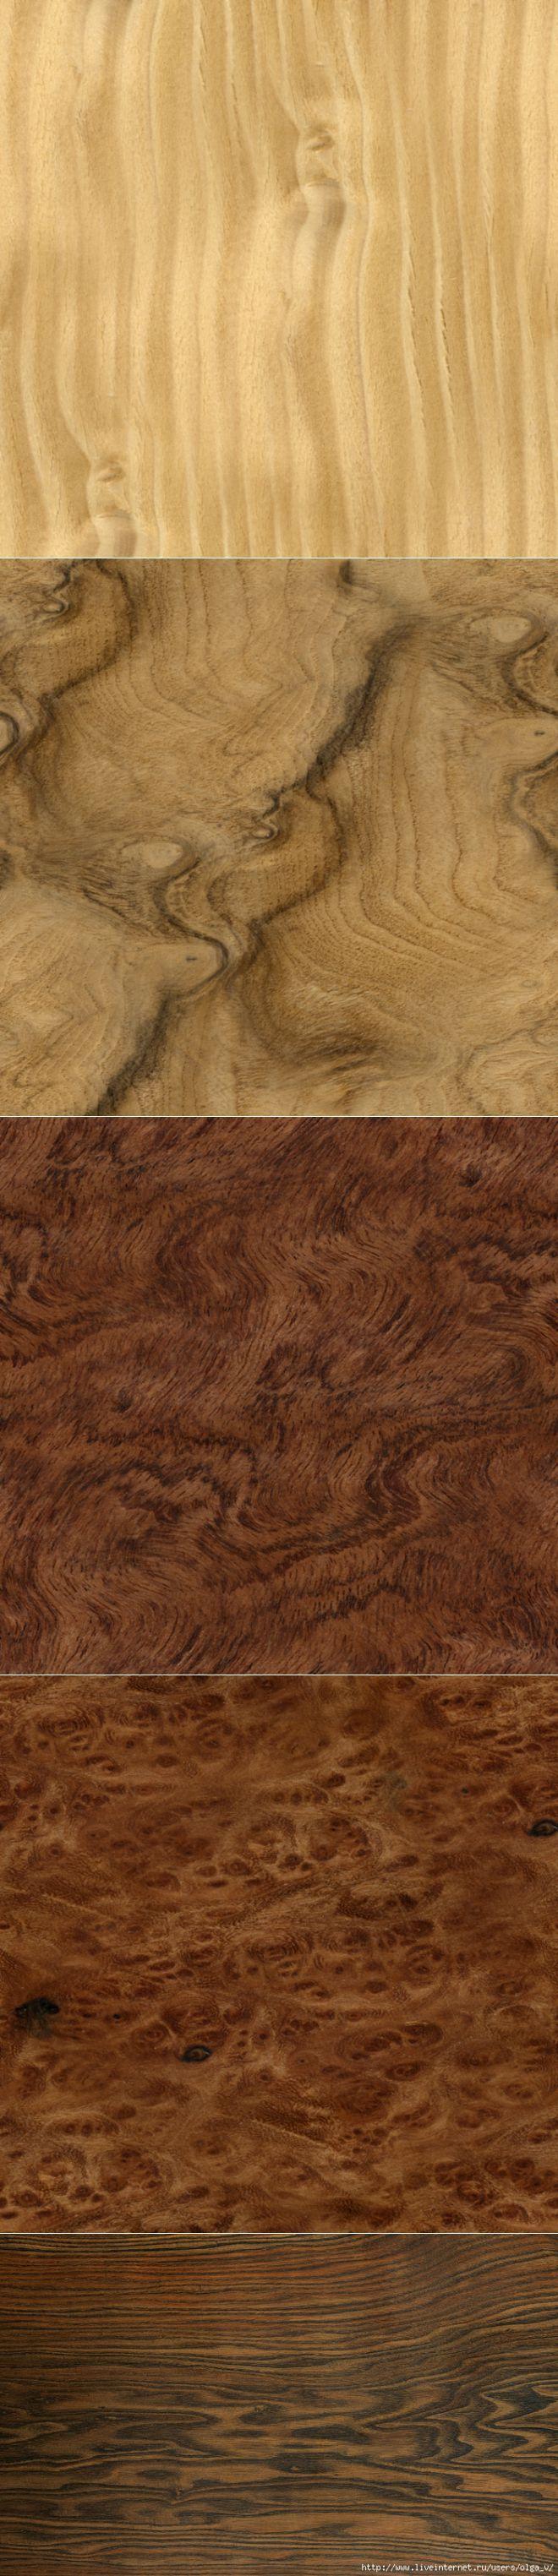 510 best Ñ ÐµÐºÑ Ñ Ñ Ñ Ñ images on pinterest peeling paint texture and